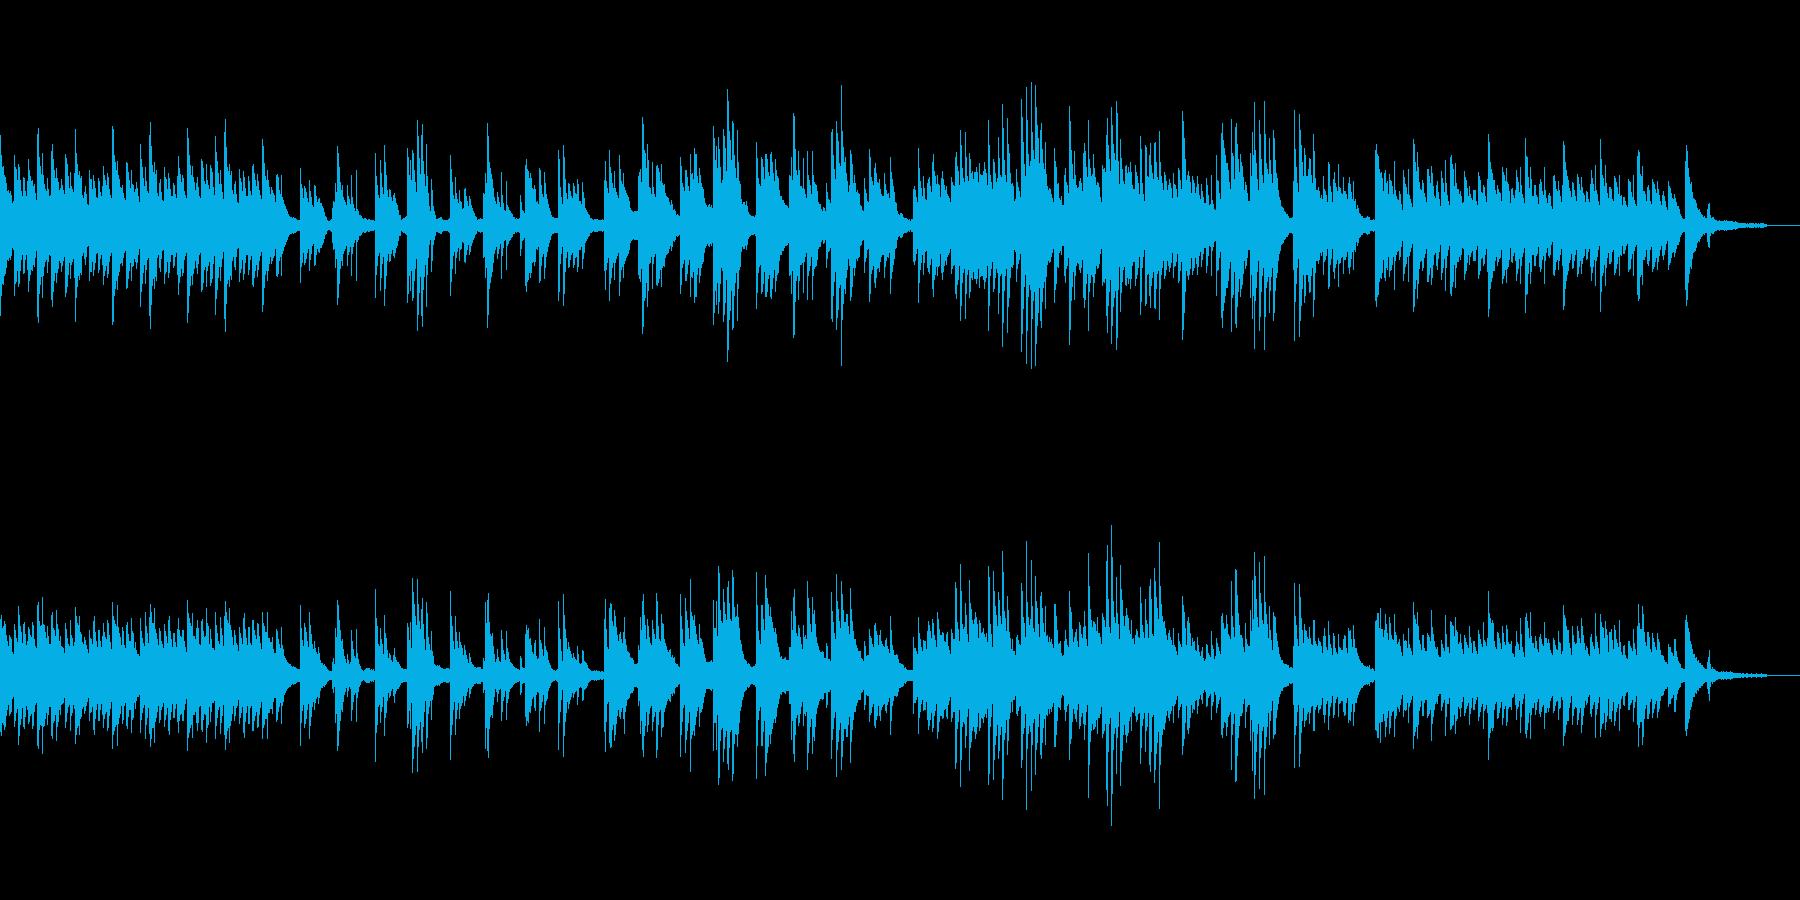 桜や春を想像する優しい映像用ピアノ曲の再生済みの波形